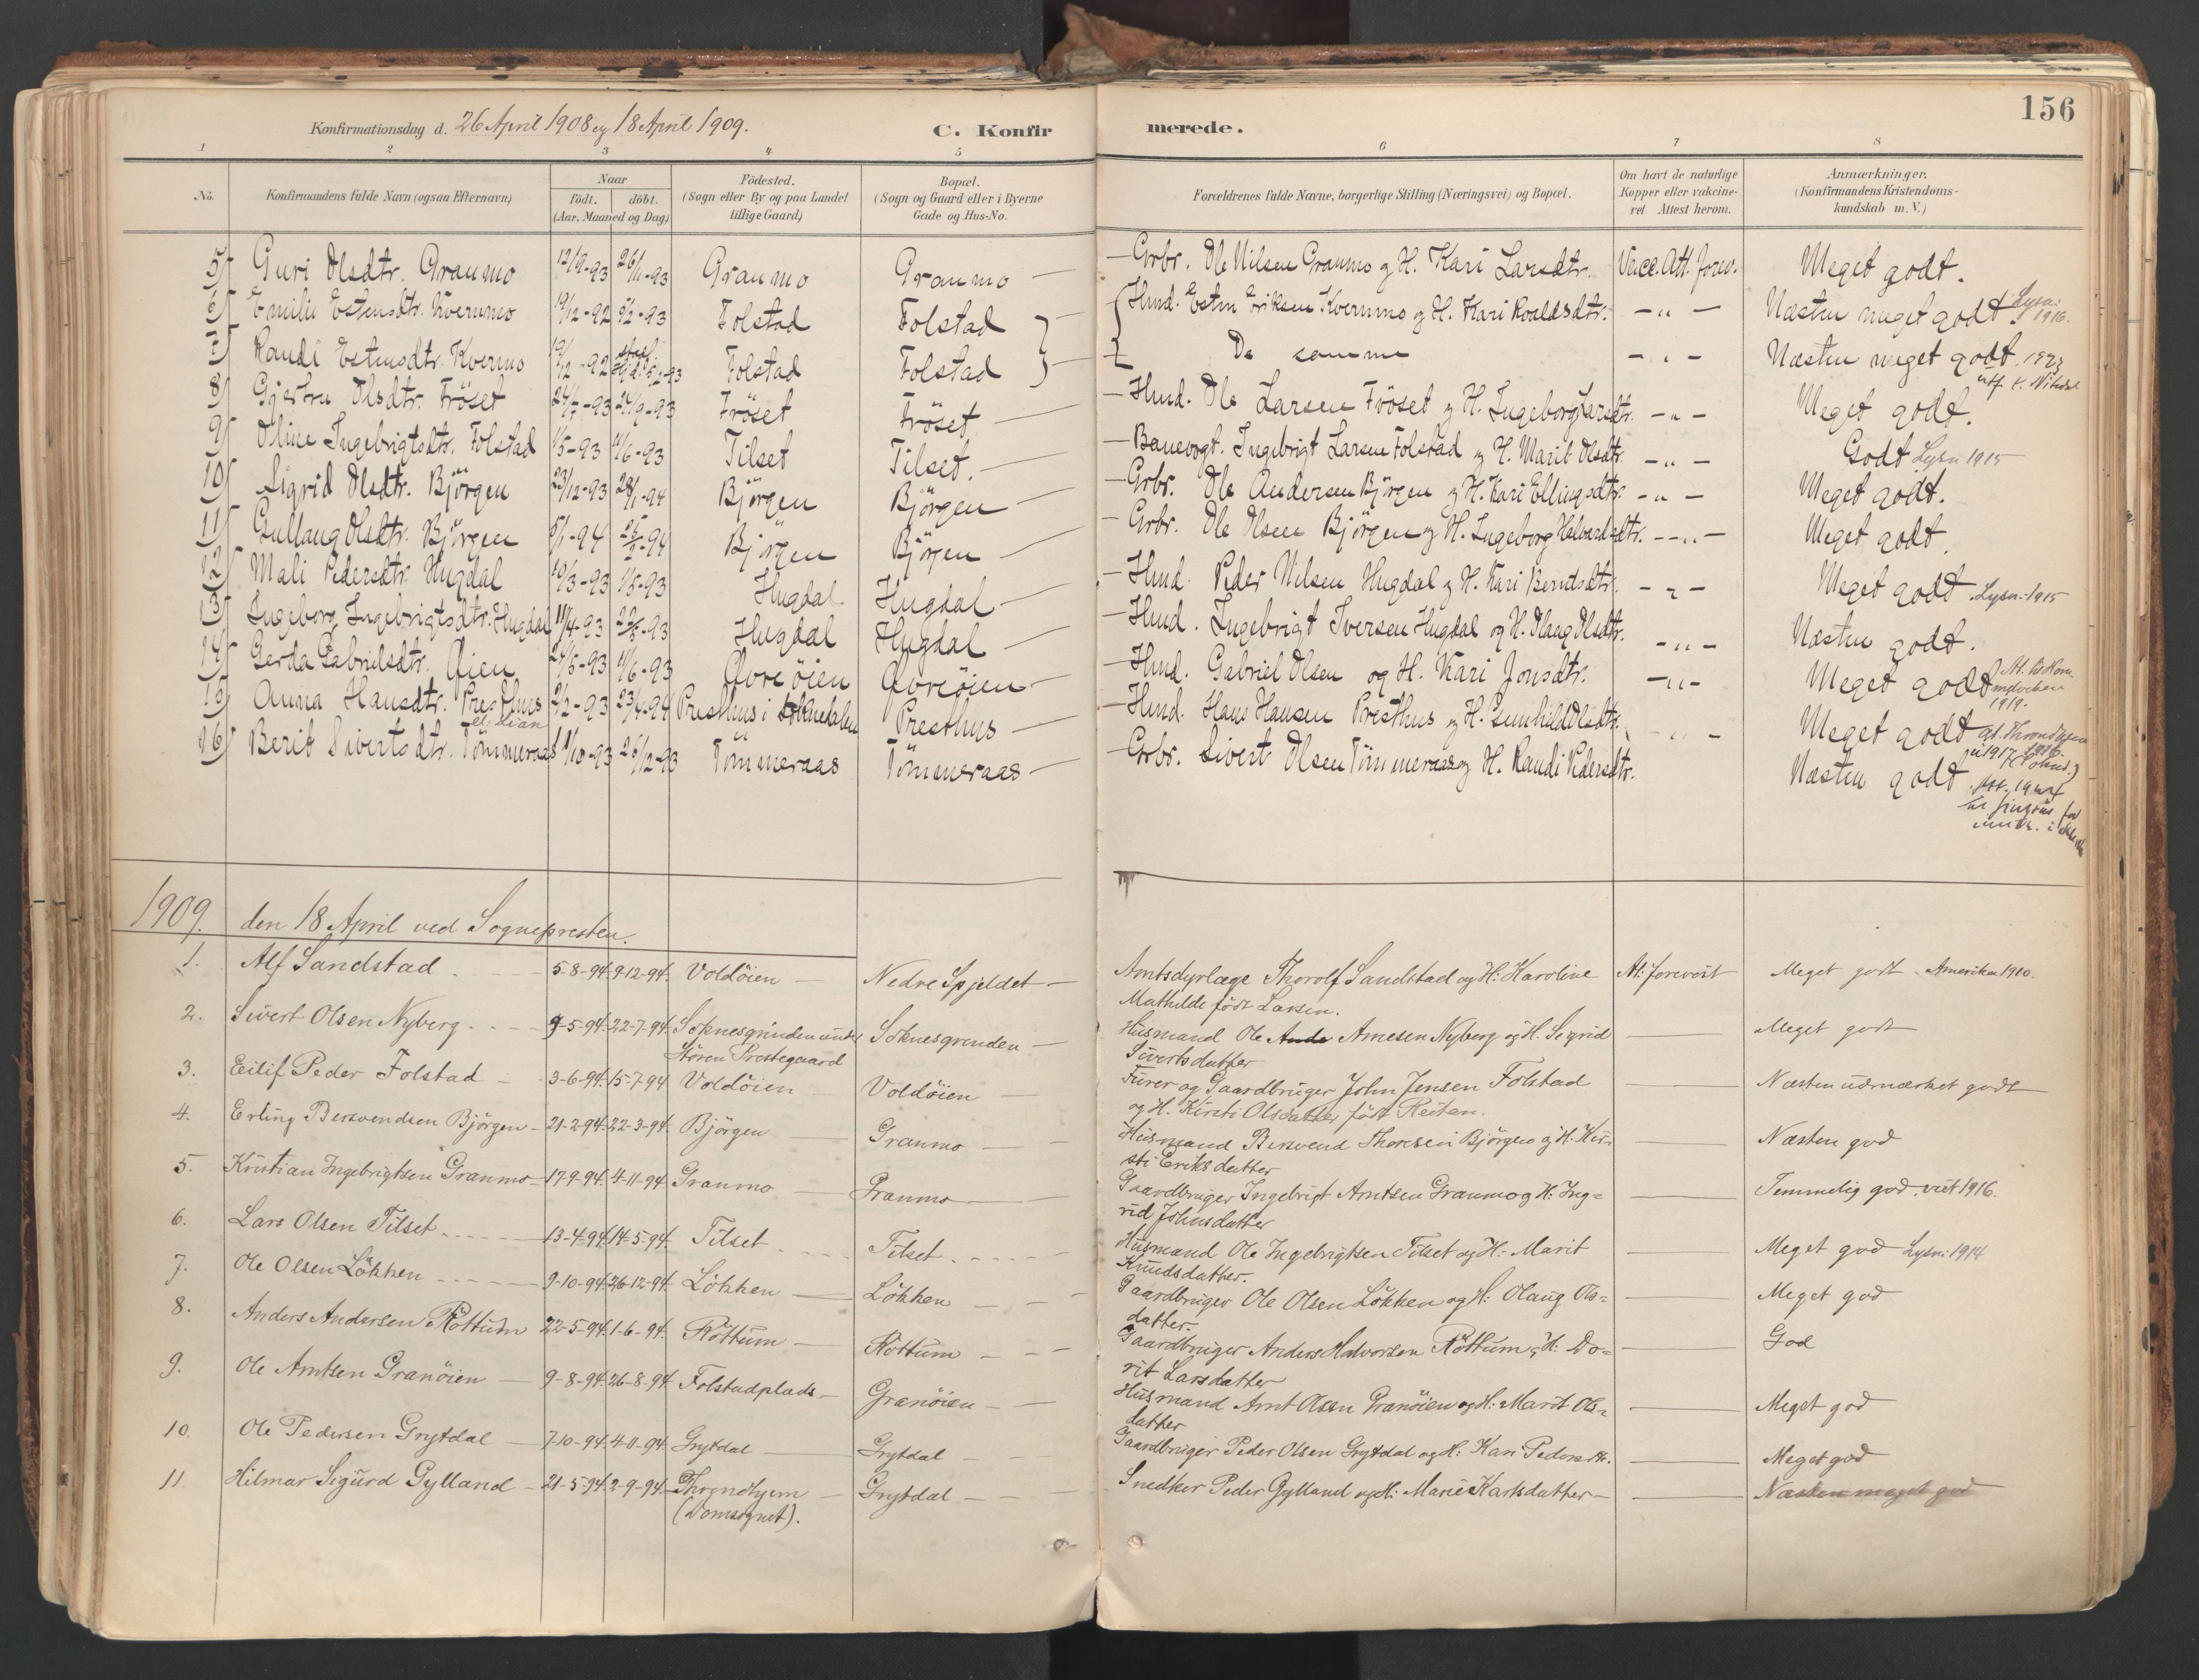 SAT, Ministerialprotokoller, klokkerbøker og fødselsregistre - Sør-Trøndelag, 687/L1004: Ministerialbok nr. 687A10, 1891-1923, s. 156